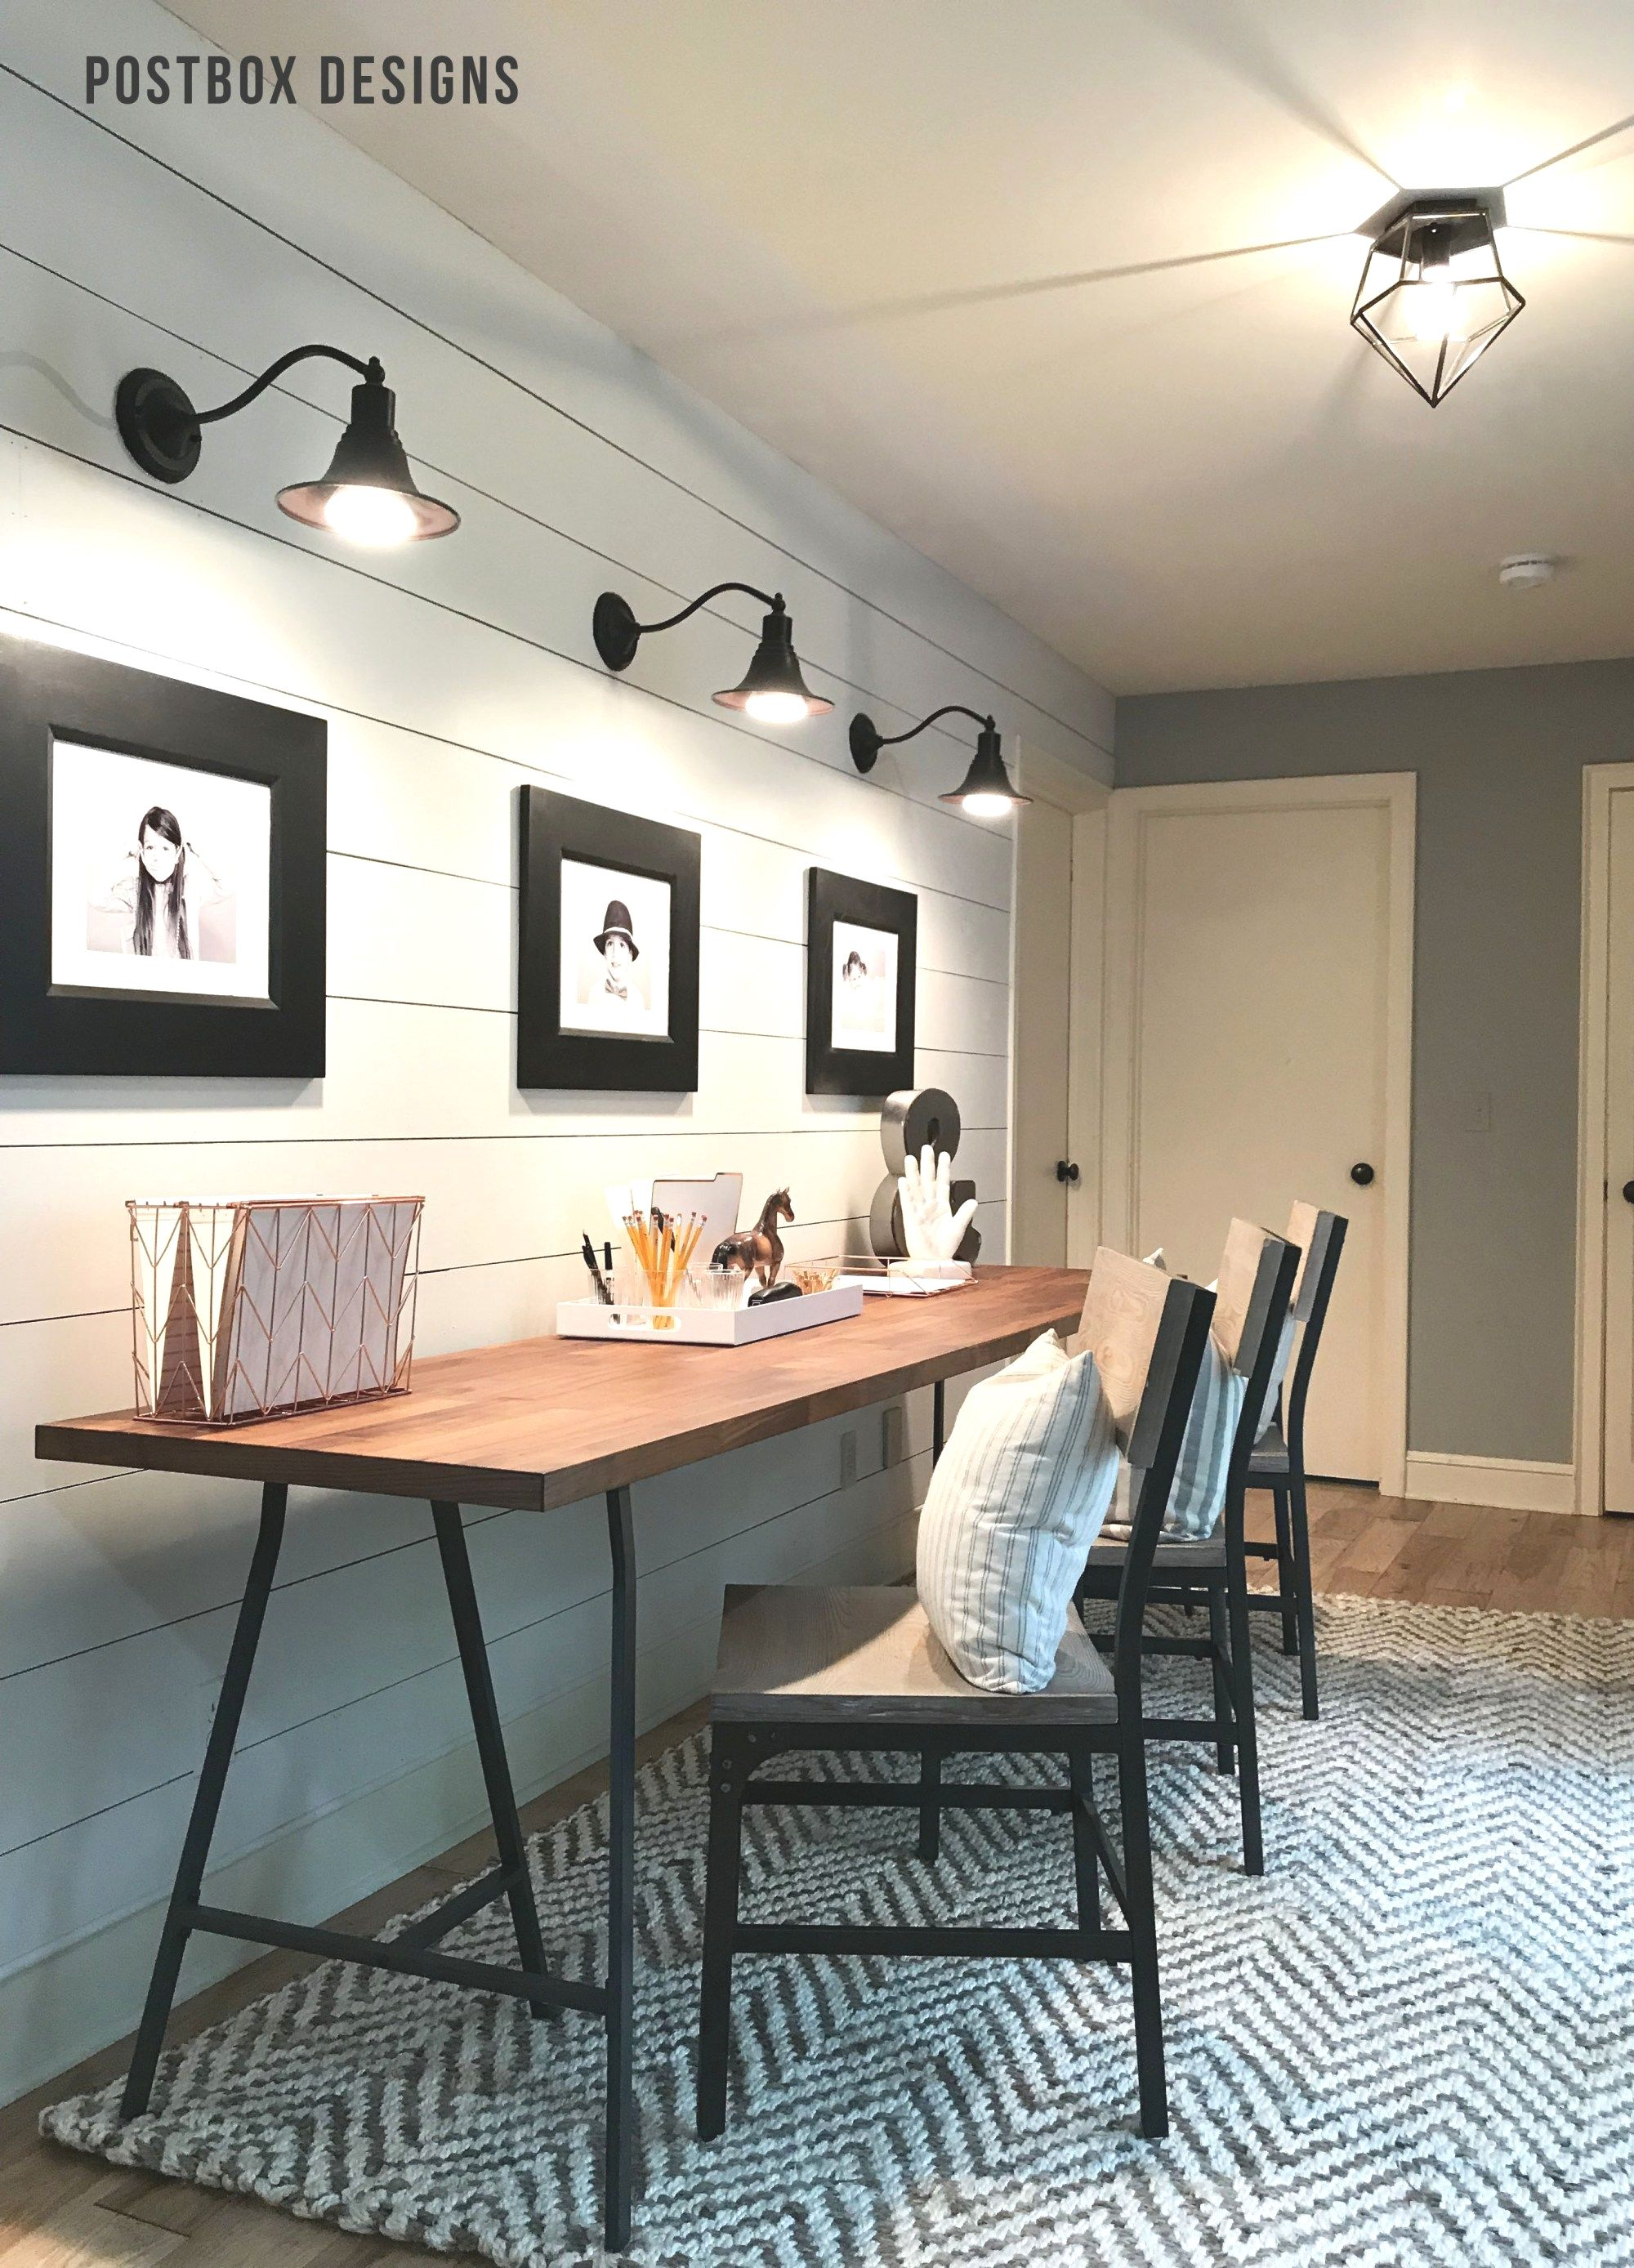 35 Genius School Ideas In 2020 Bonus Room Design Home Office Design Home Decor